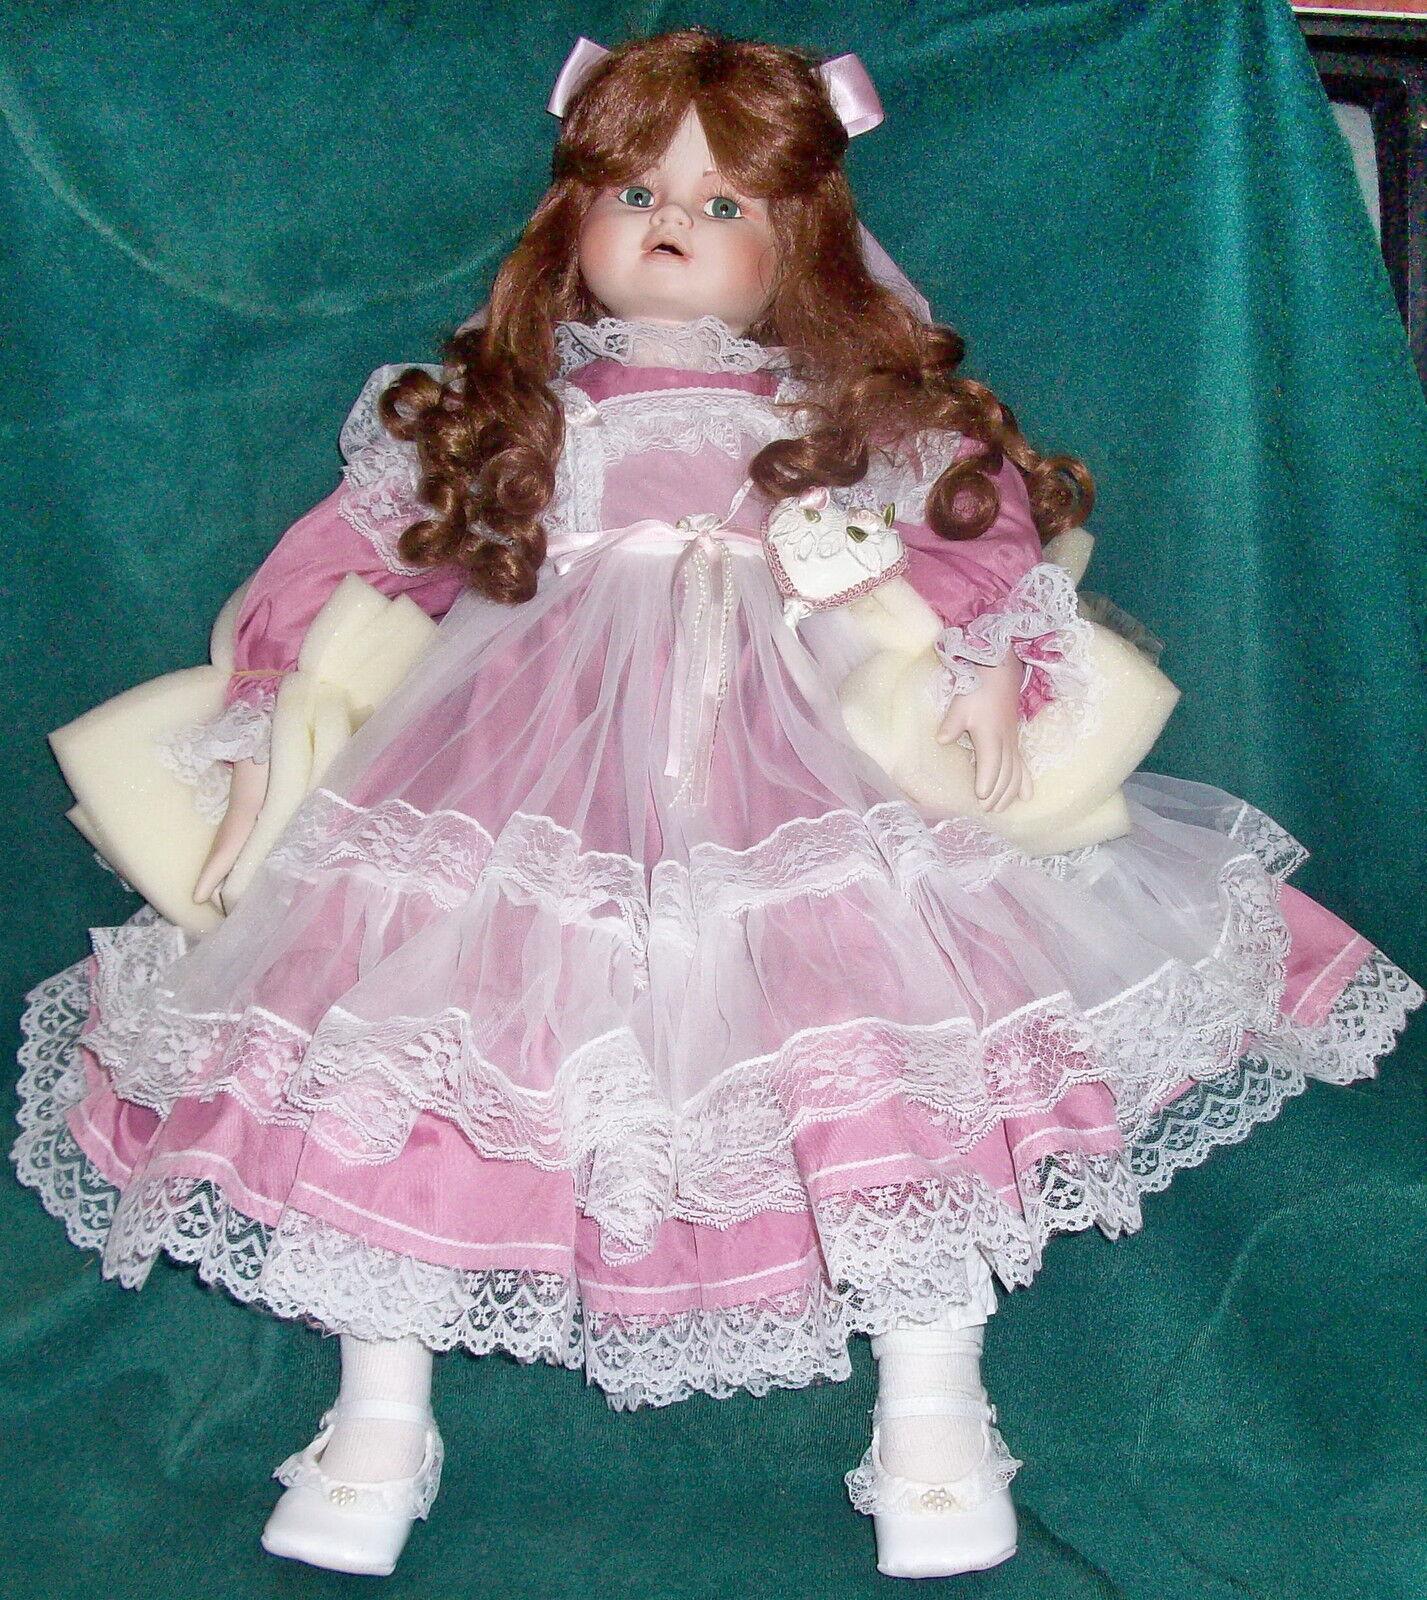 PRECIOSO Young Girl Doll Dana, Royal tesoros Colección por Dina rosado Nuevo En Caja